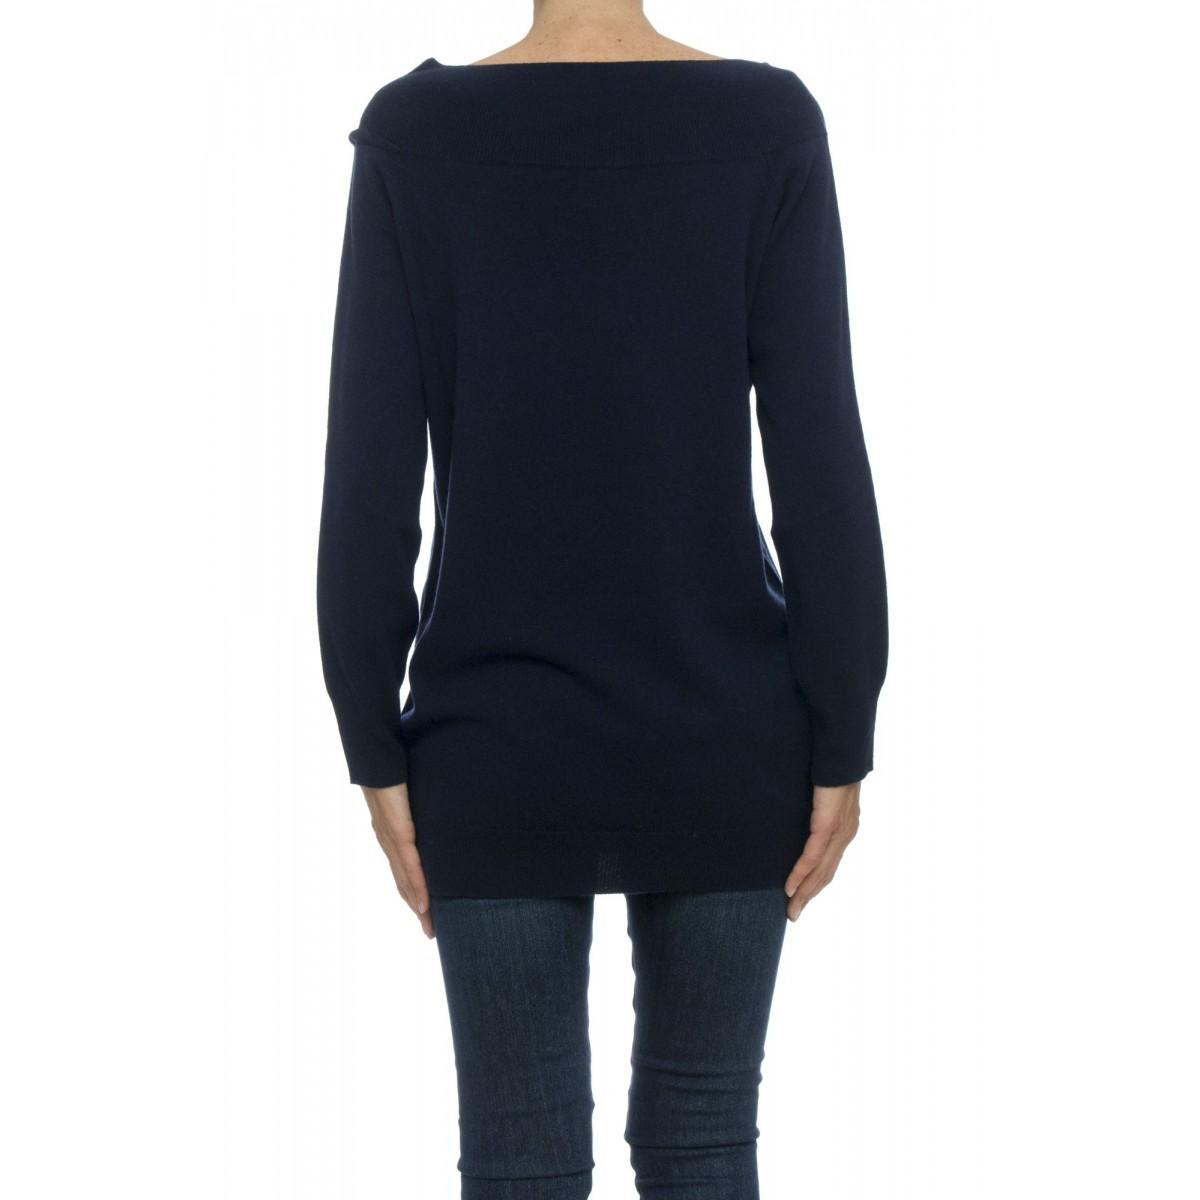 Maglia - 4516/82 maglia barchetta lunga